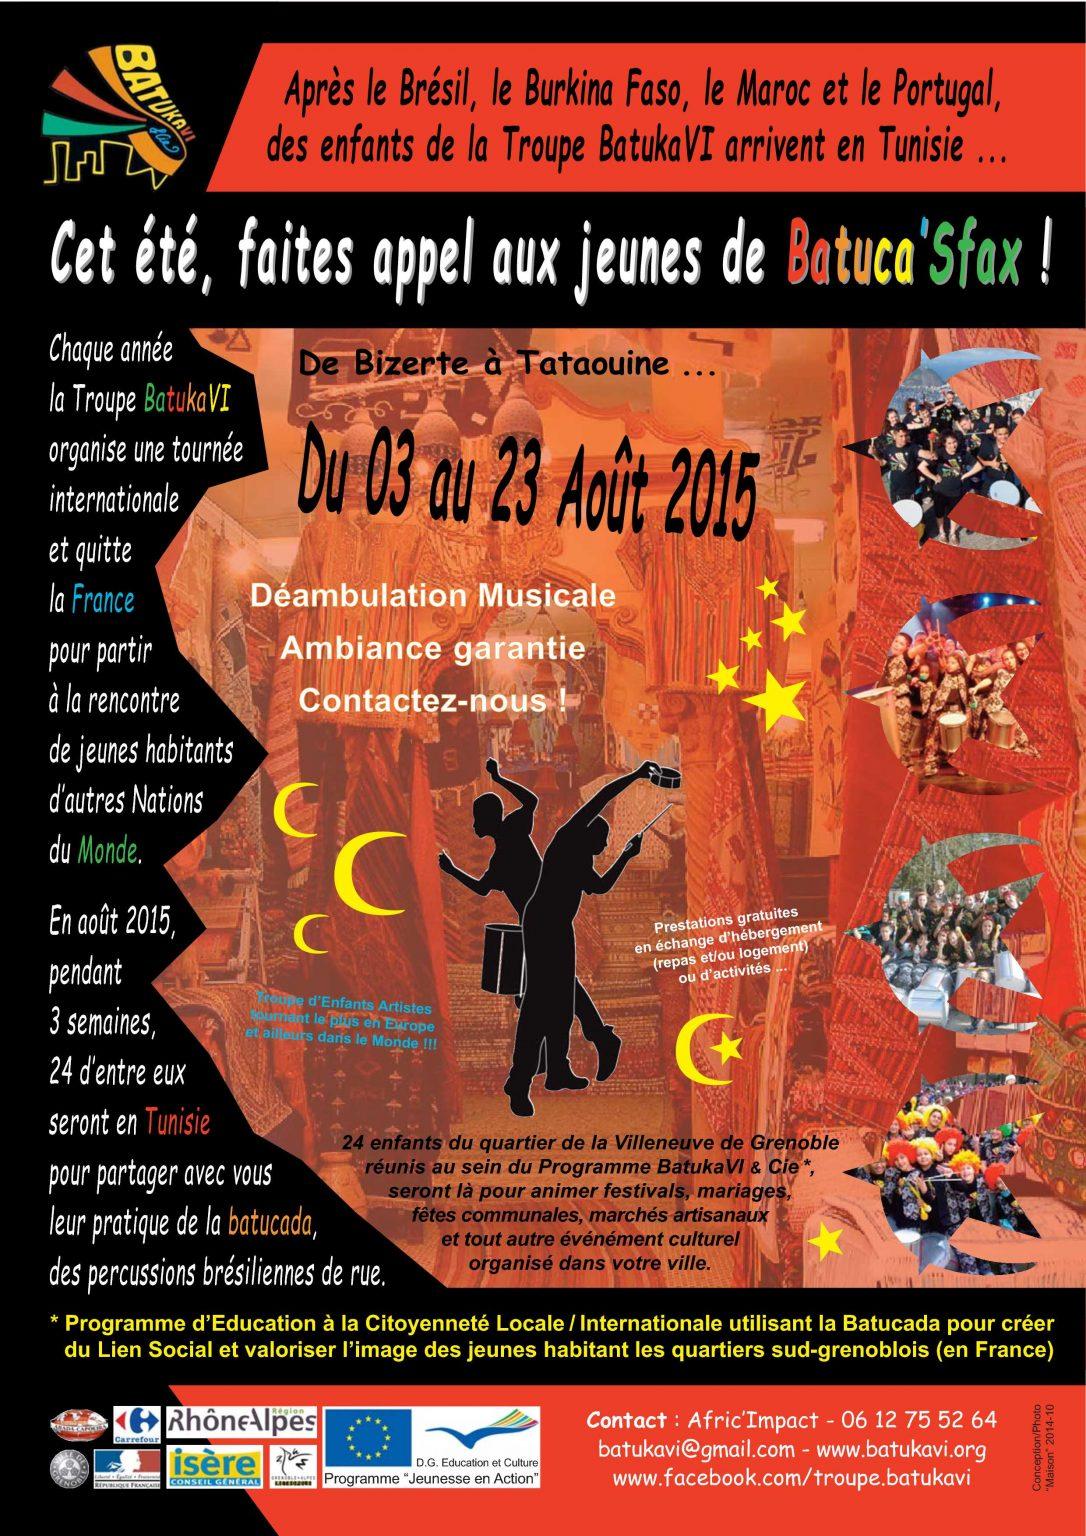 2015-08 Echange Batuca'Sfax (Appel)